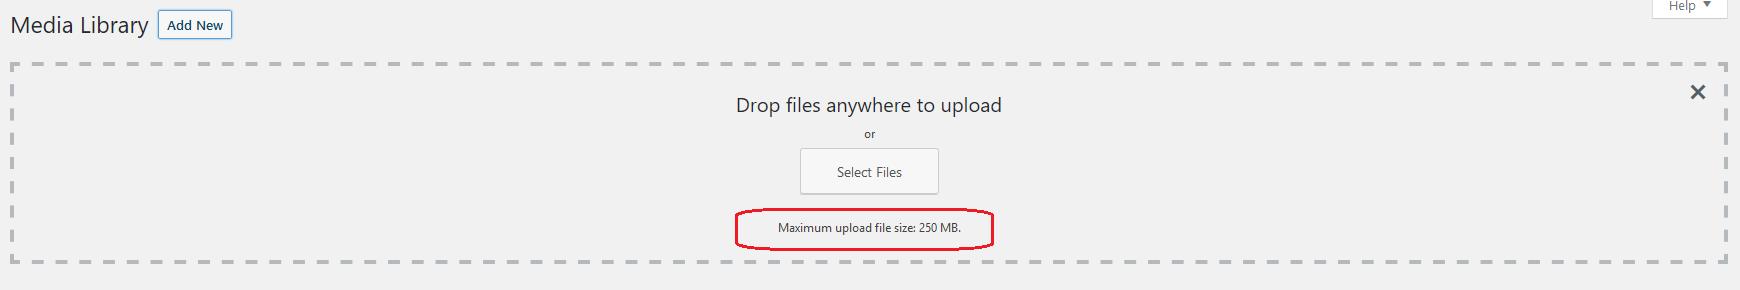 Cara Mengubah Batas Maximum Upload File Size di WordPress